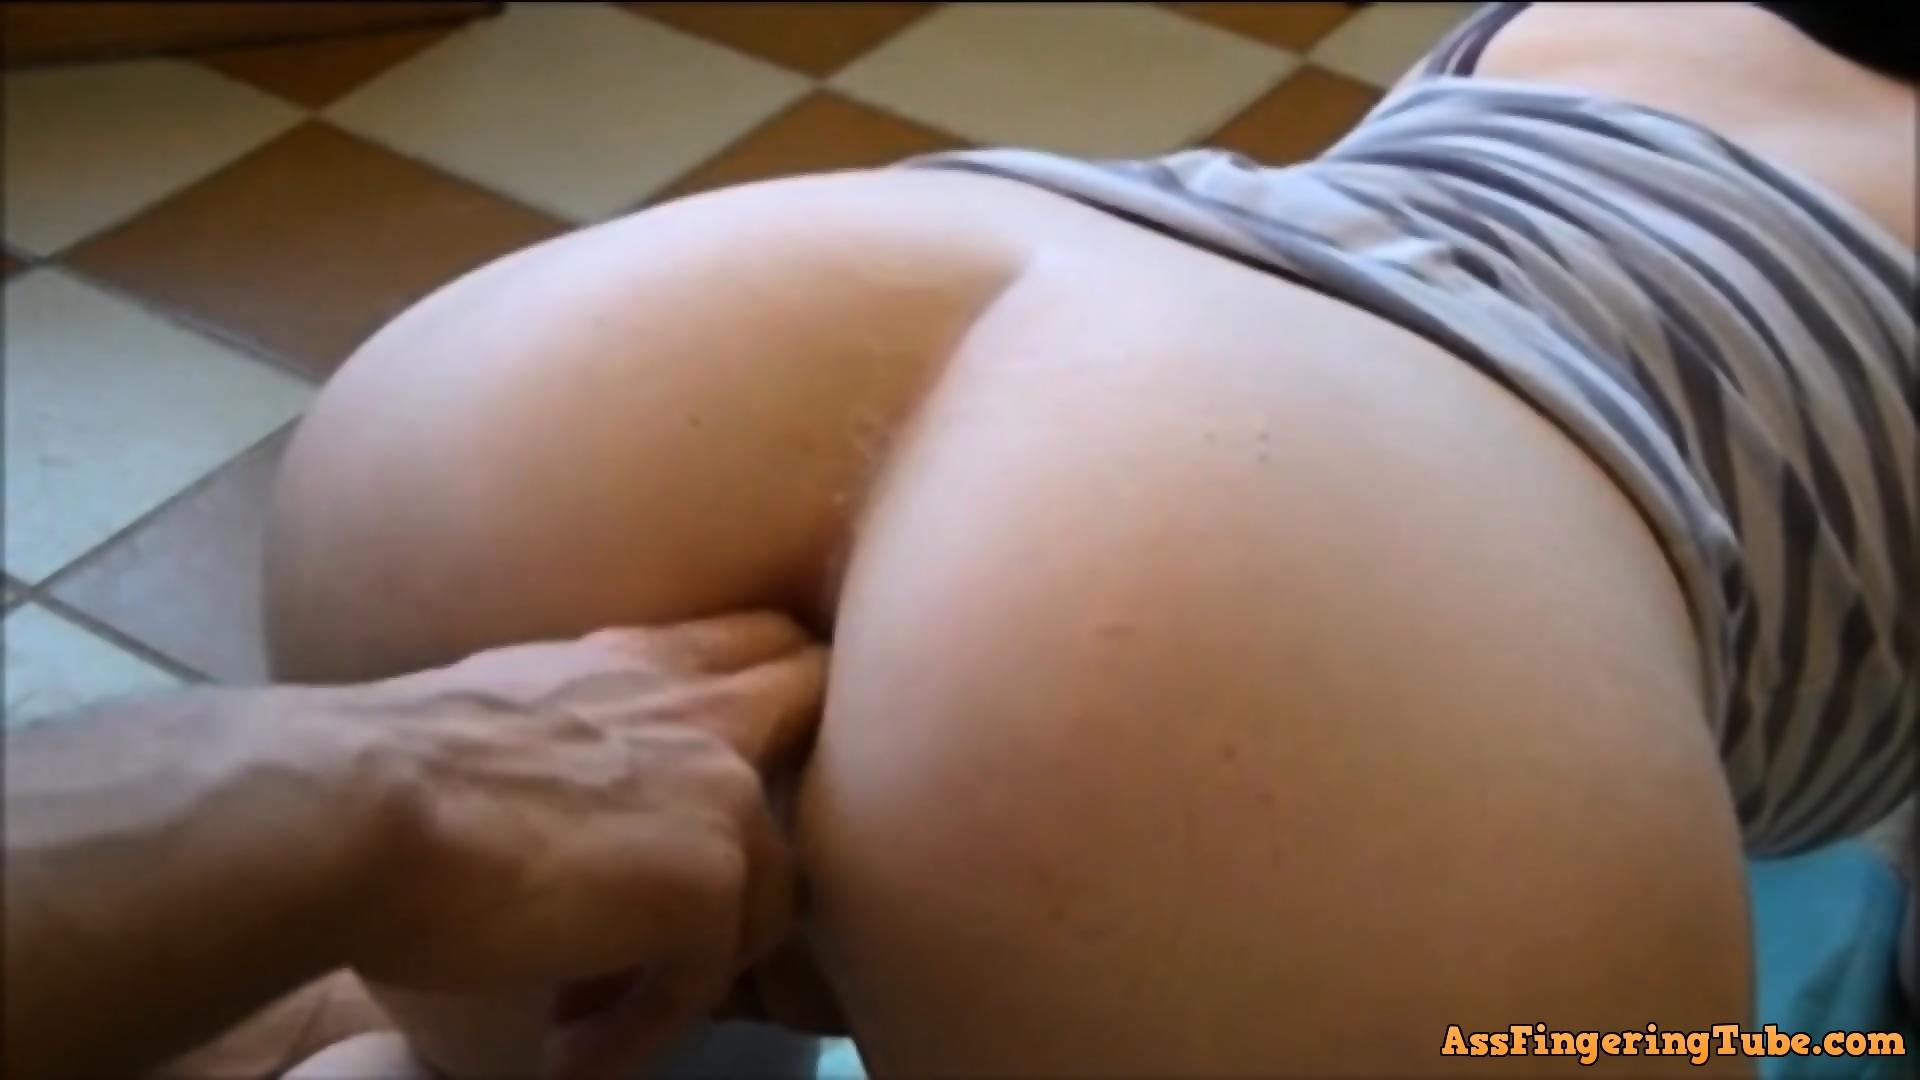 Big Ass Fingering